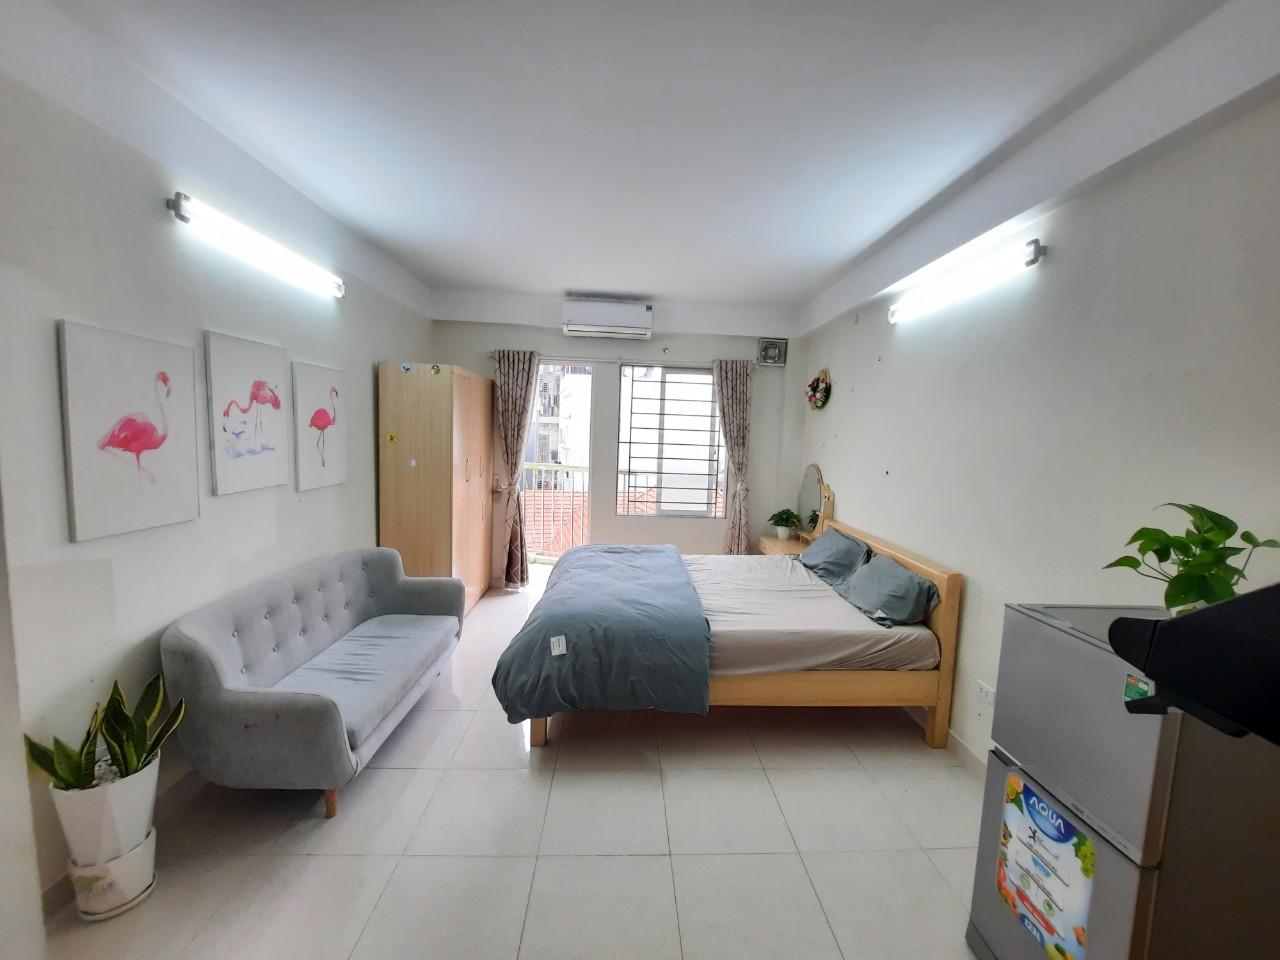 Cho thuê phòng trọ Chung cư mini, gần Trần Duy Hưng Trung Hòa Cầu giấy